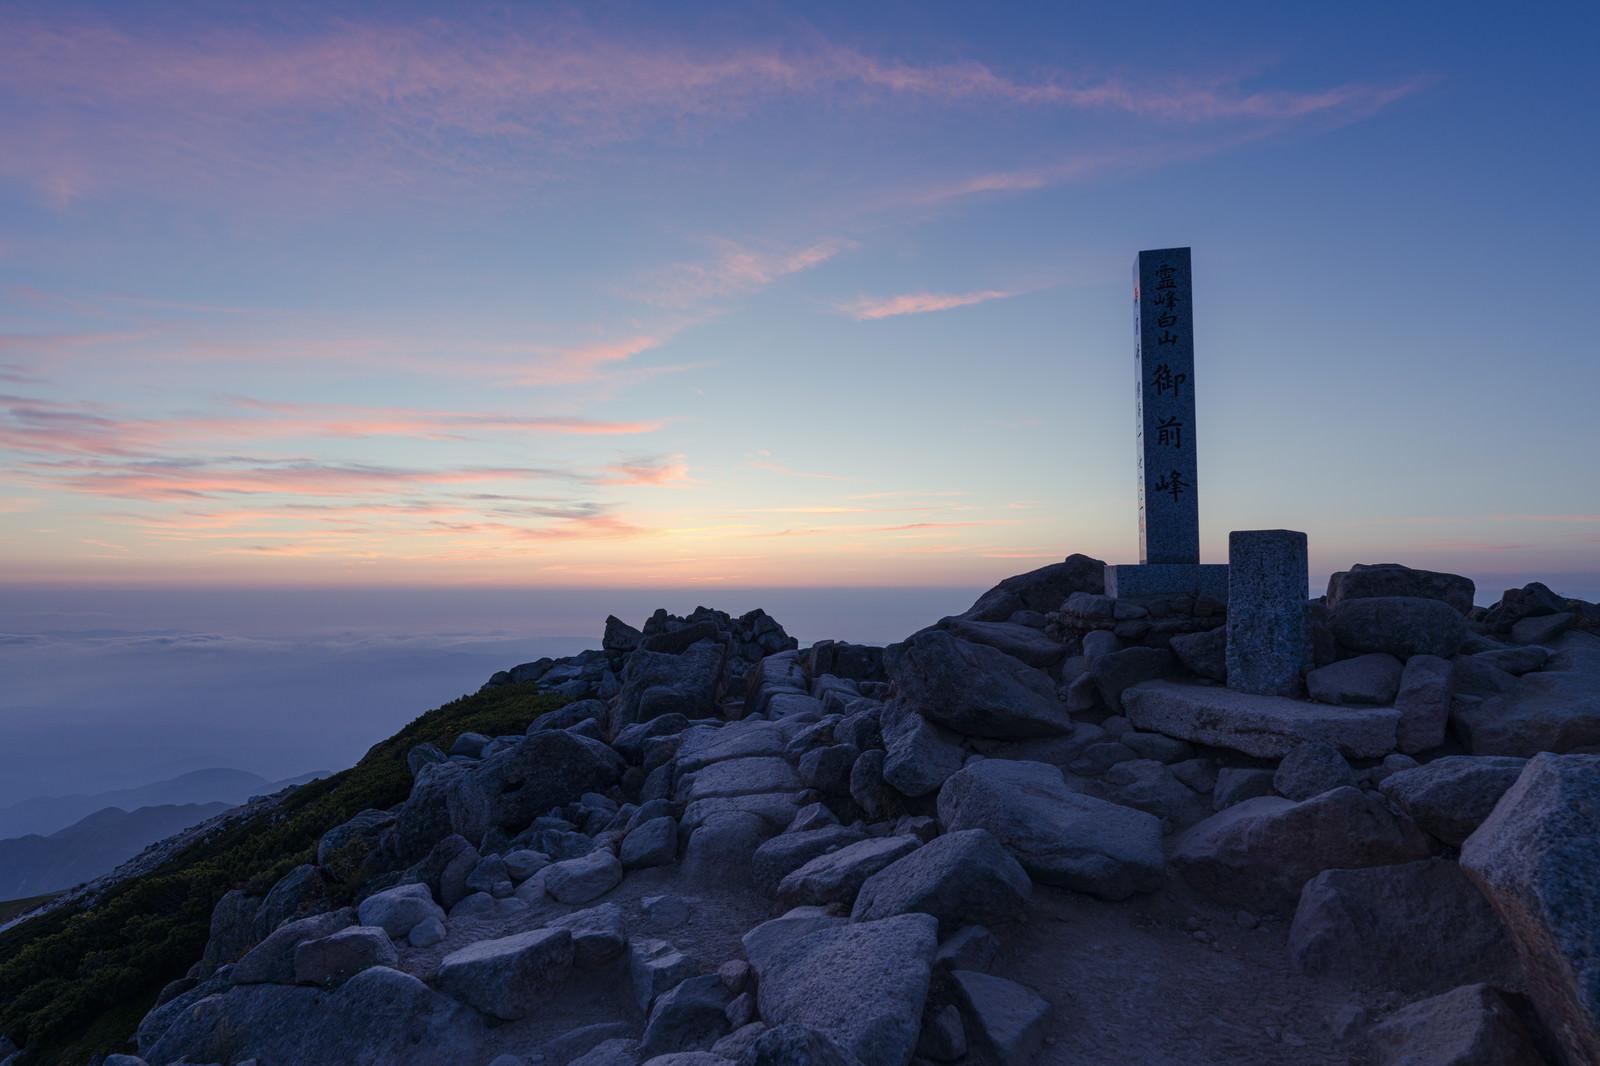 「夕日が沈んだ後の御前峰山頂碑(白山)」の写真